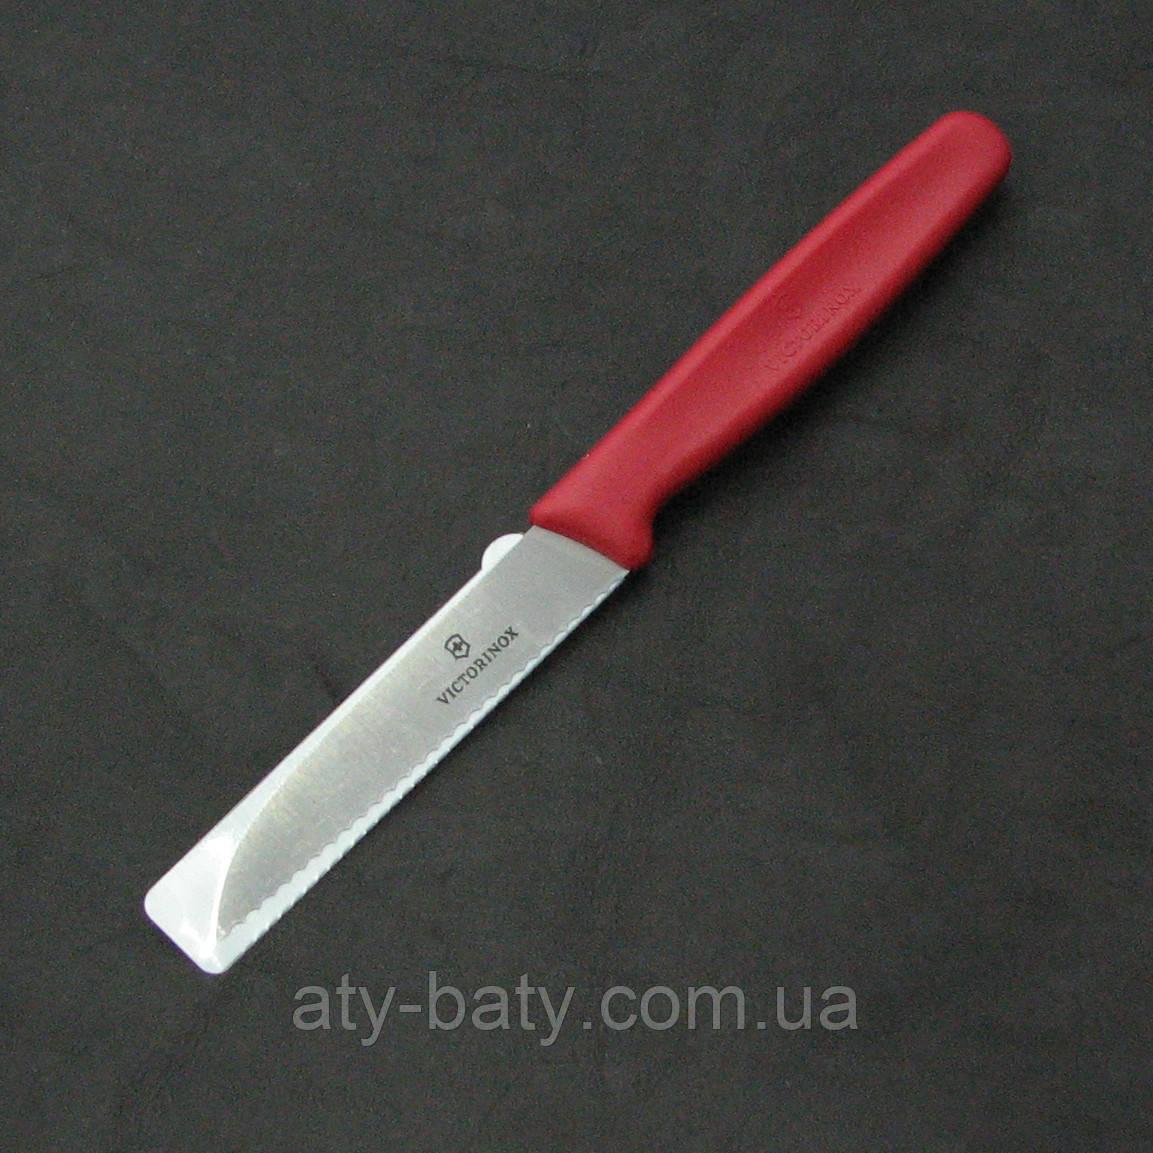 Нож кухонный Victorinox, 8 см, красный (5.0431)